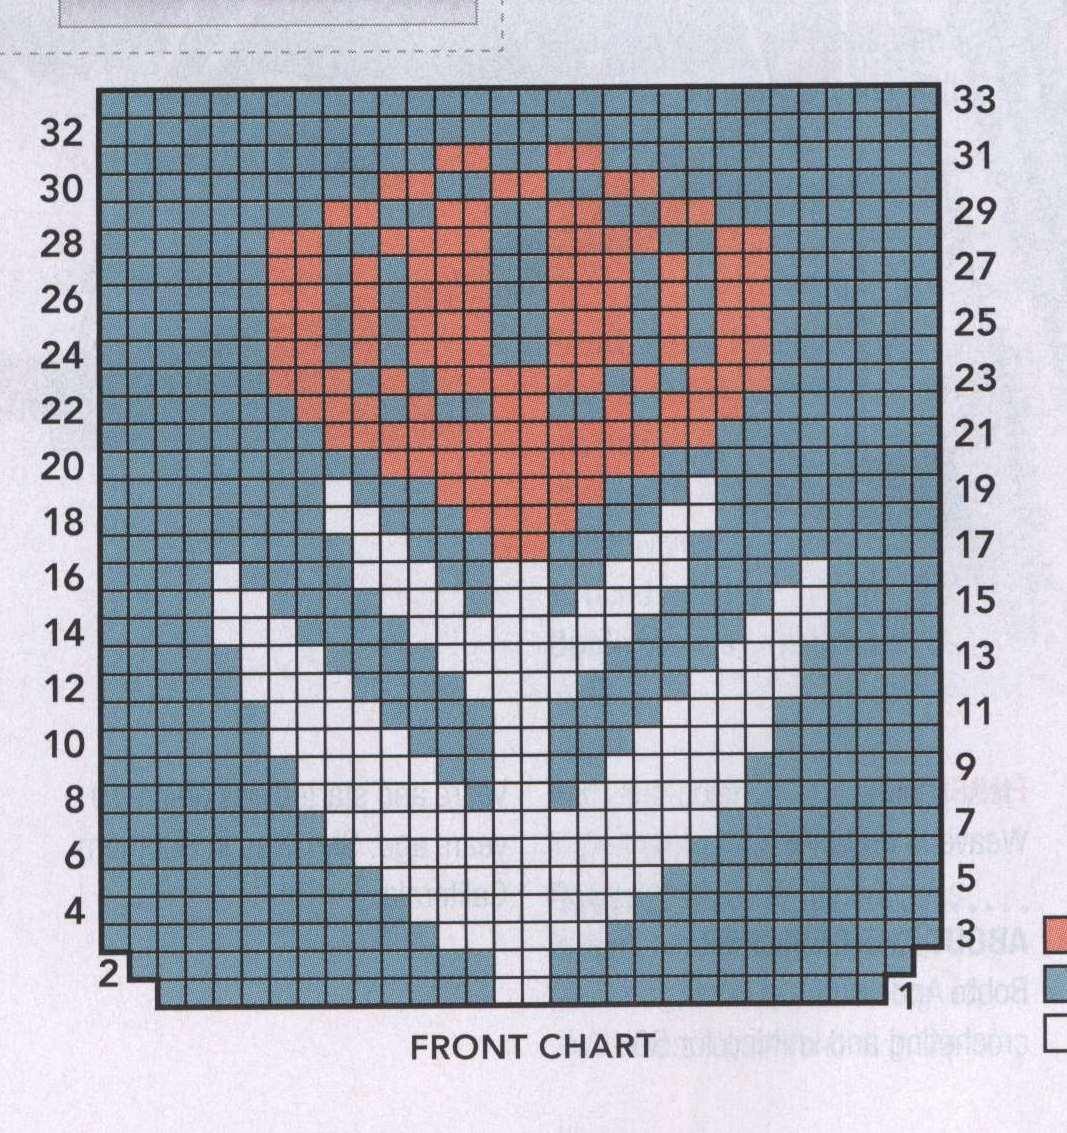 CrochetT_AprilMay14 (77)a